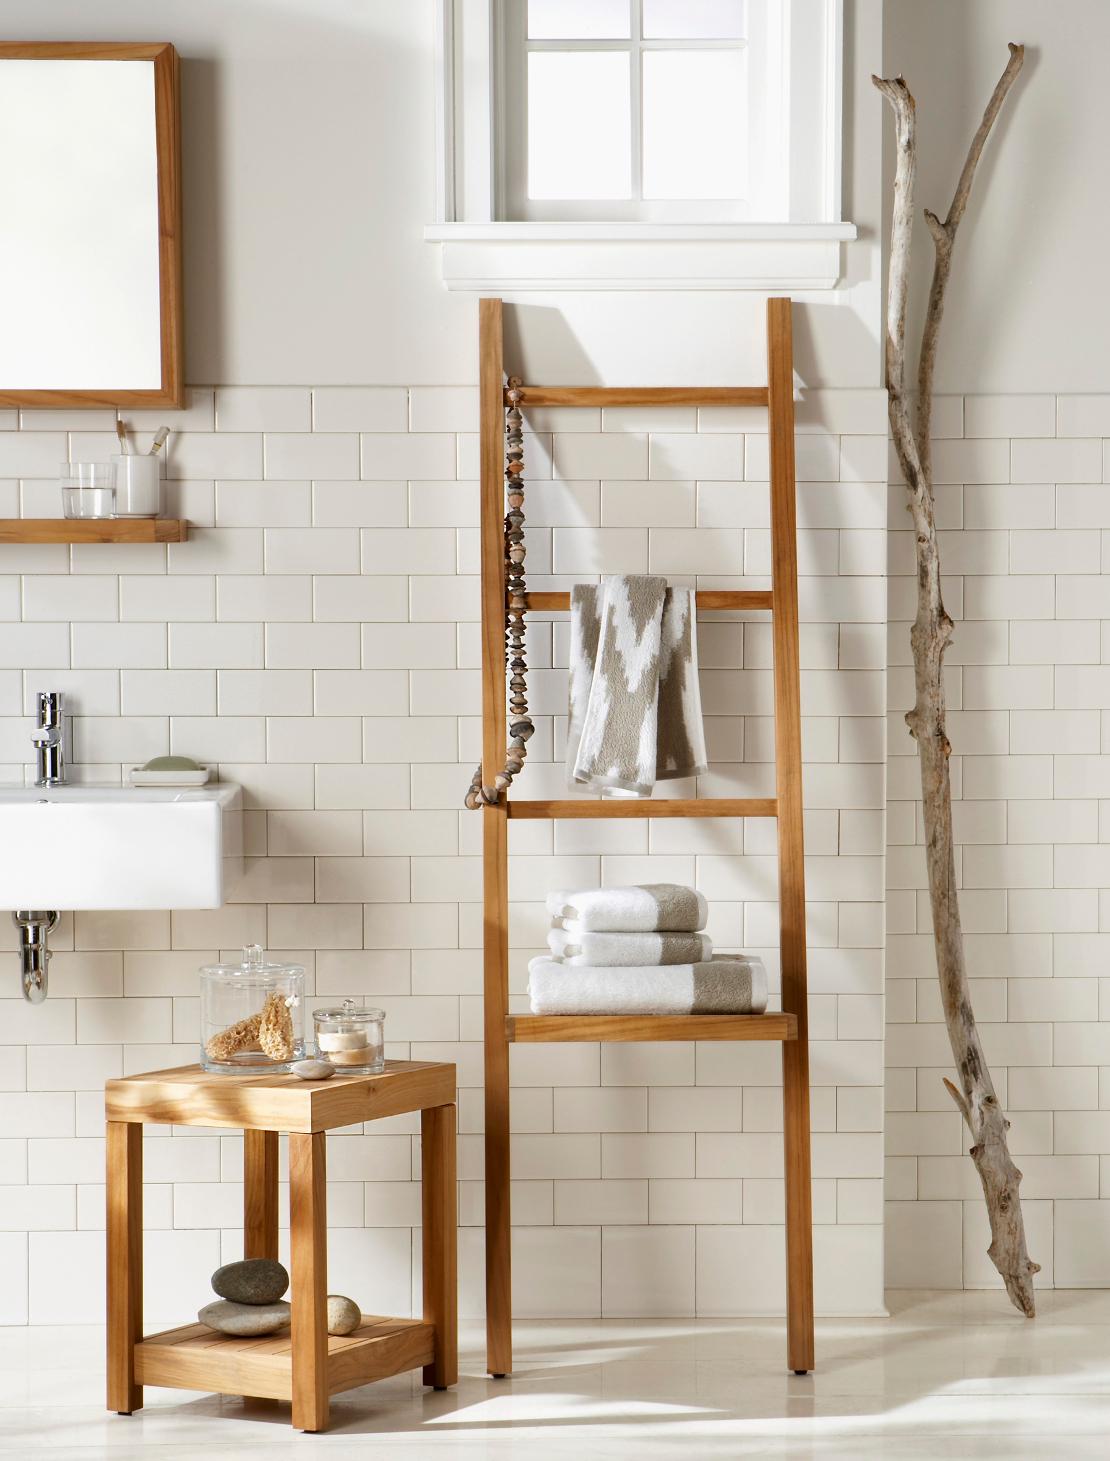 Idee per il bagno: come cambiare look - Dalani Magazine